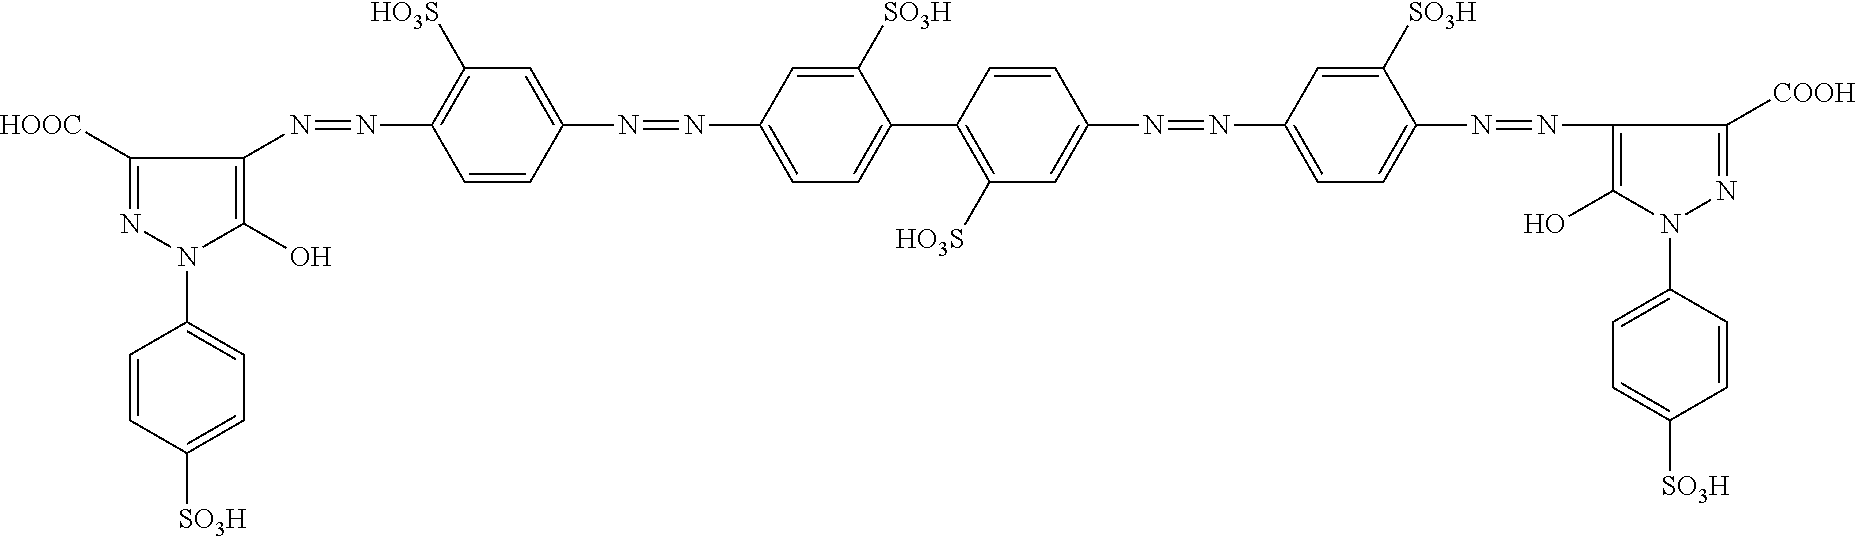 Figure US08734532-20140527-C00035